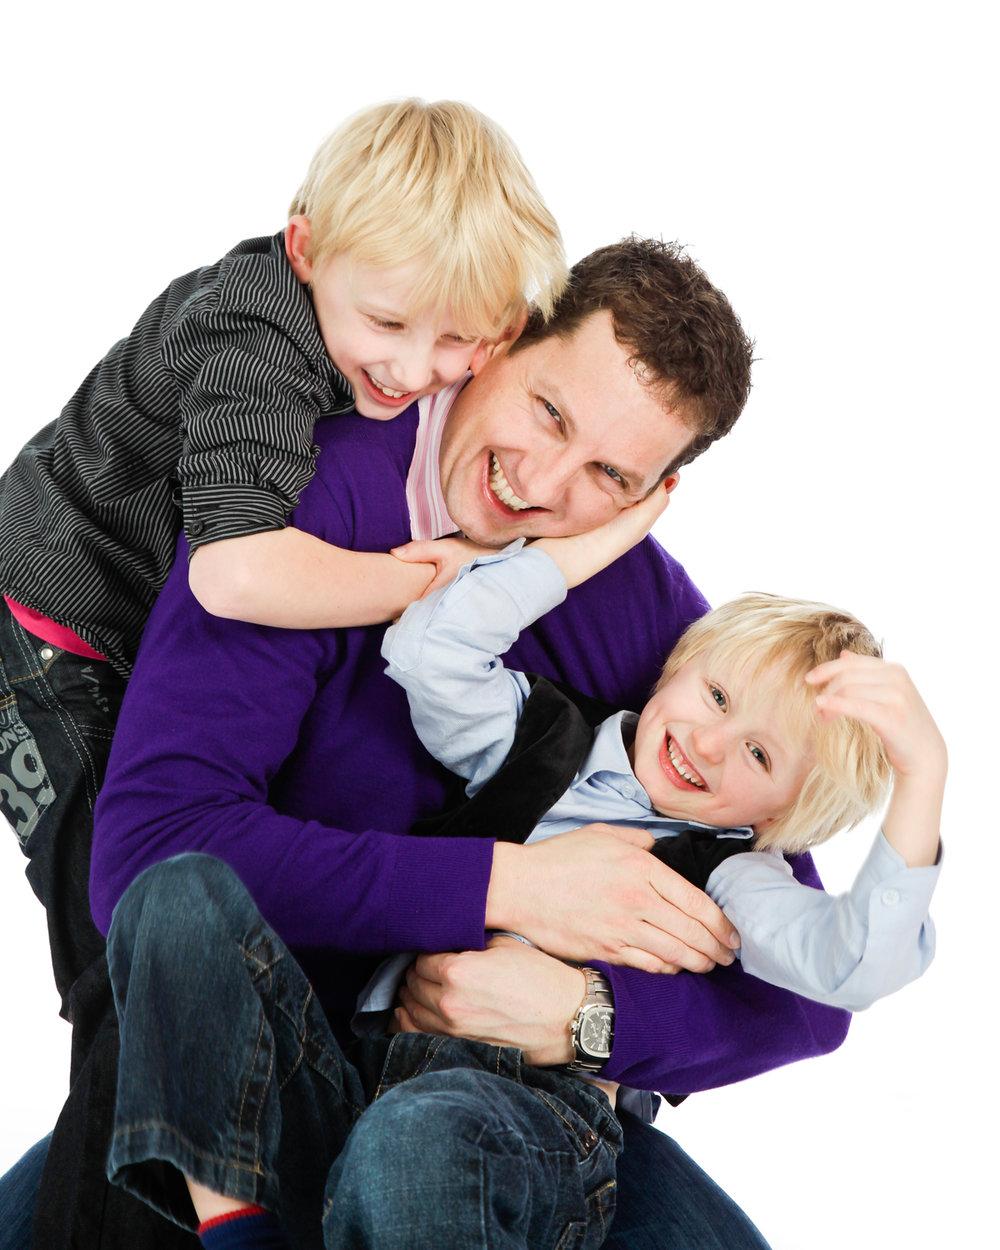 Family_Portrait_Photographer_Newbury_Berkshire_071.jpg